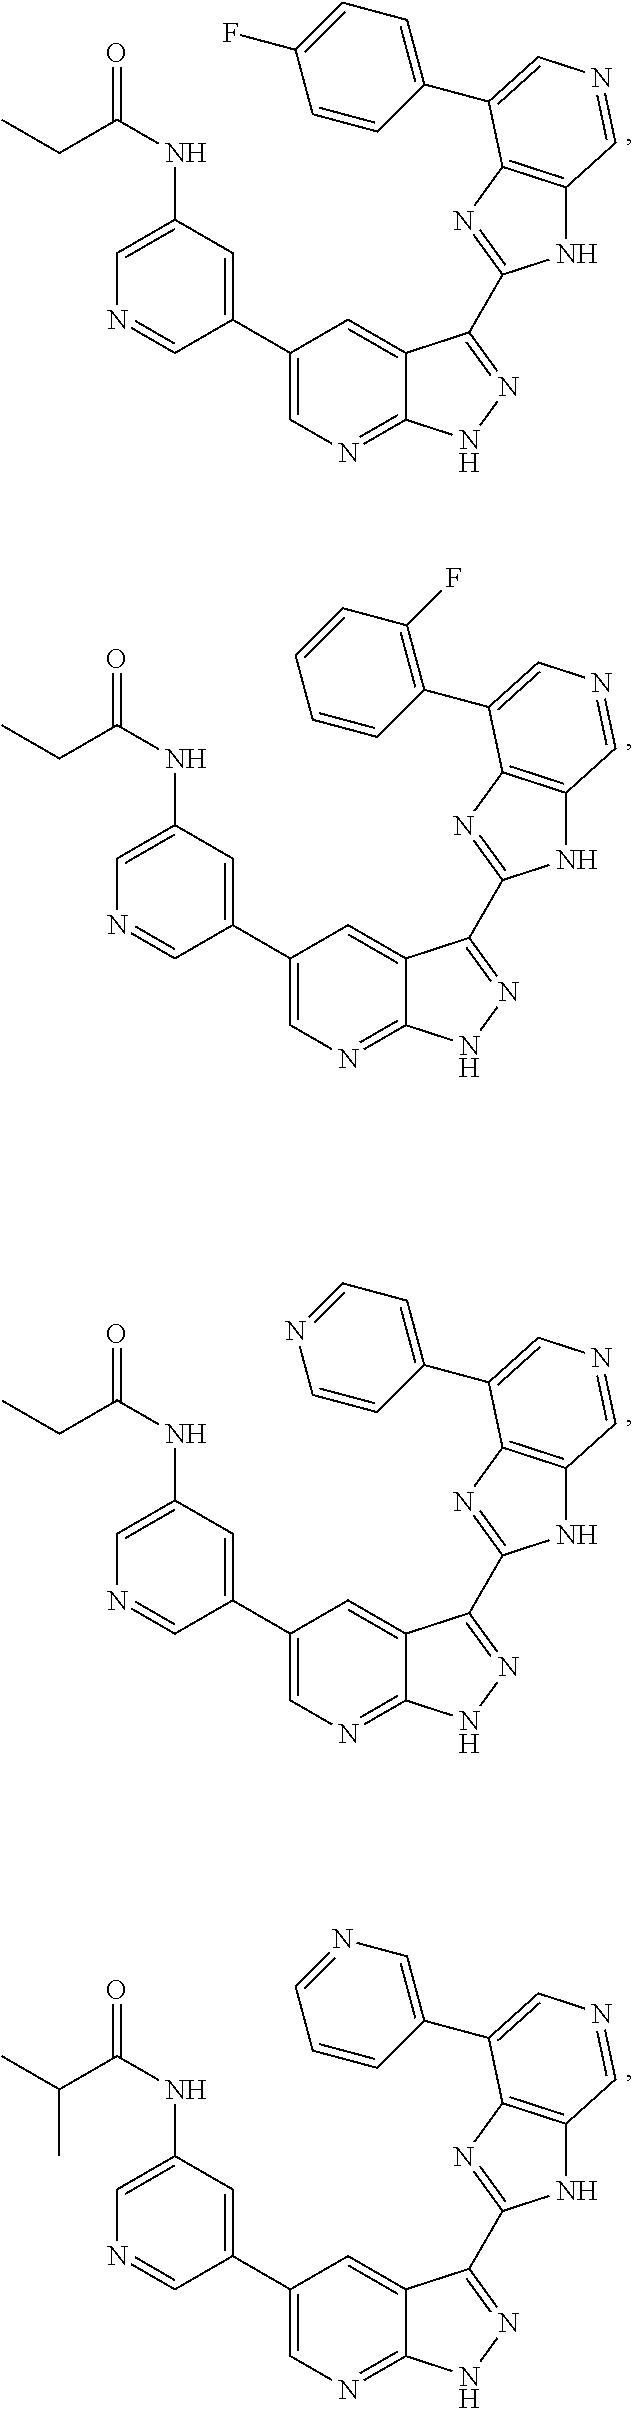 Figure US08618128-20131231-C00032